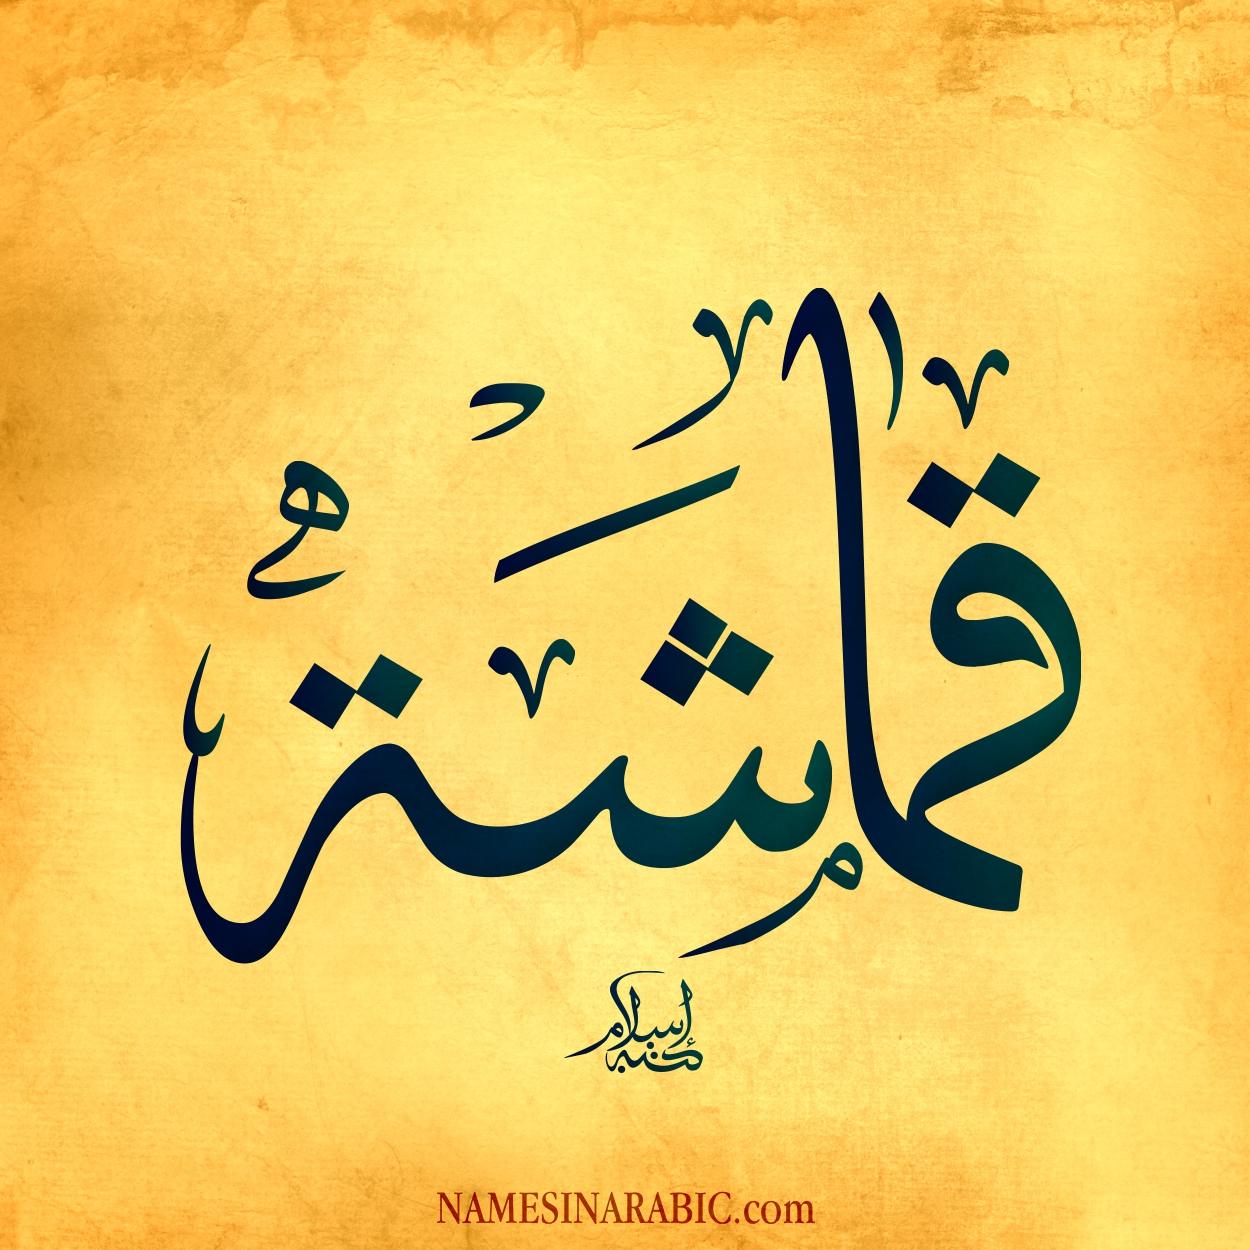 صورة اسم قماشة Qmasha اسم قماشة بالخط العربي من موقع الأسماء بالخط العربي بريشة الفنان إسلام ابن الفضل